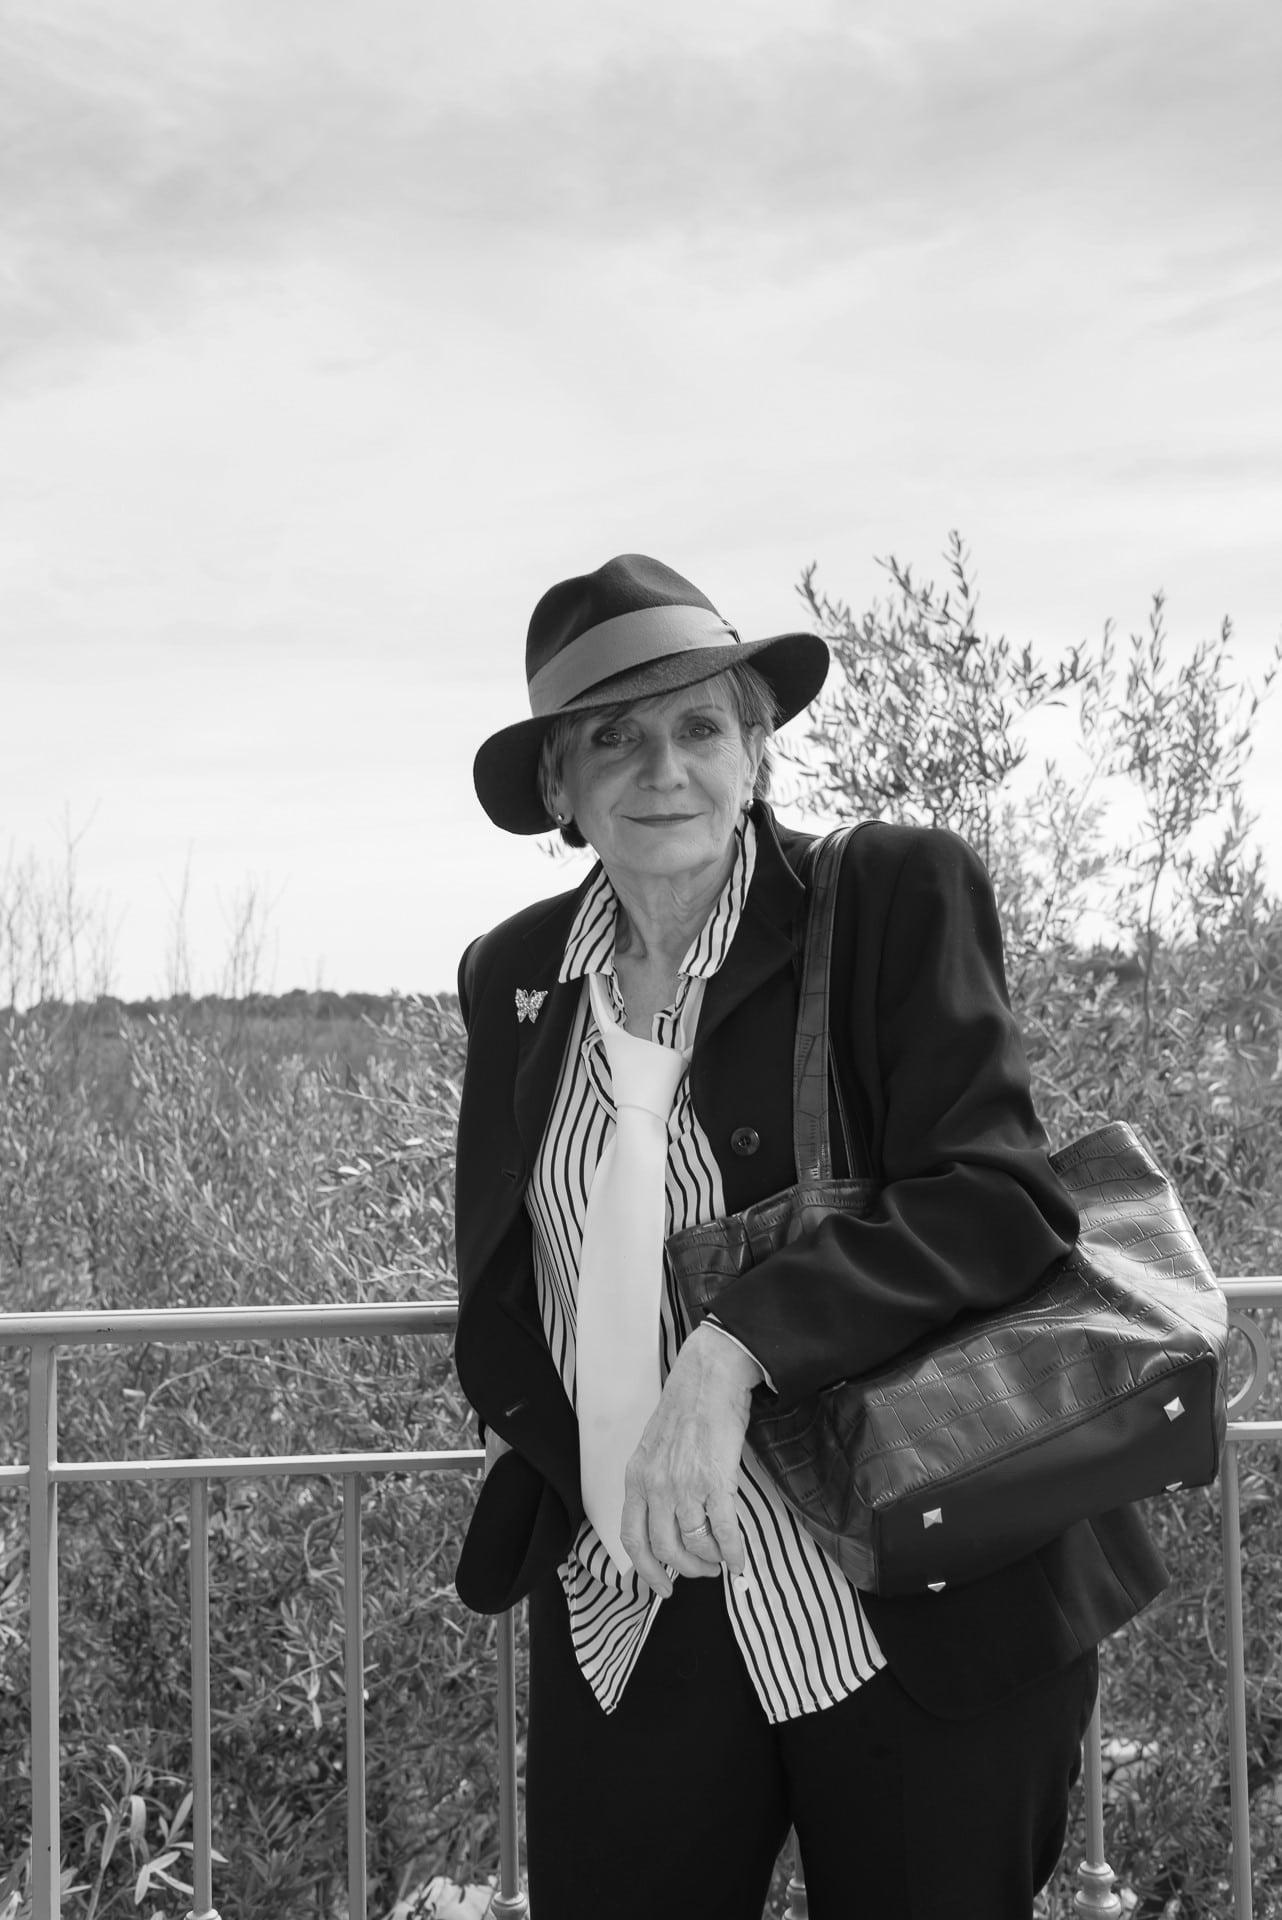 Femme ave un chapeau et un sac, photo noire et blanc